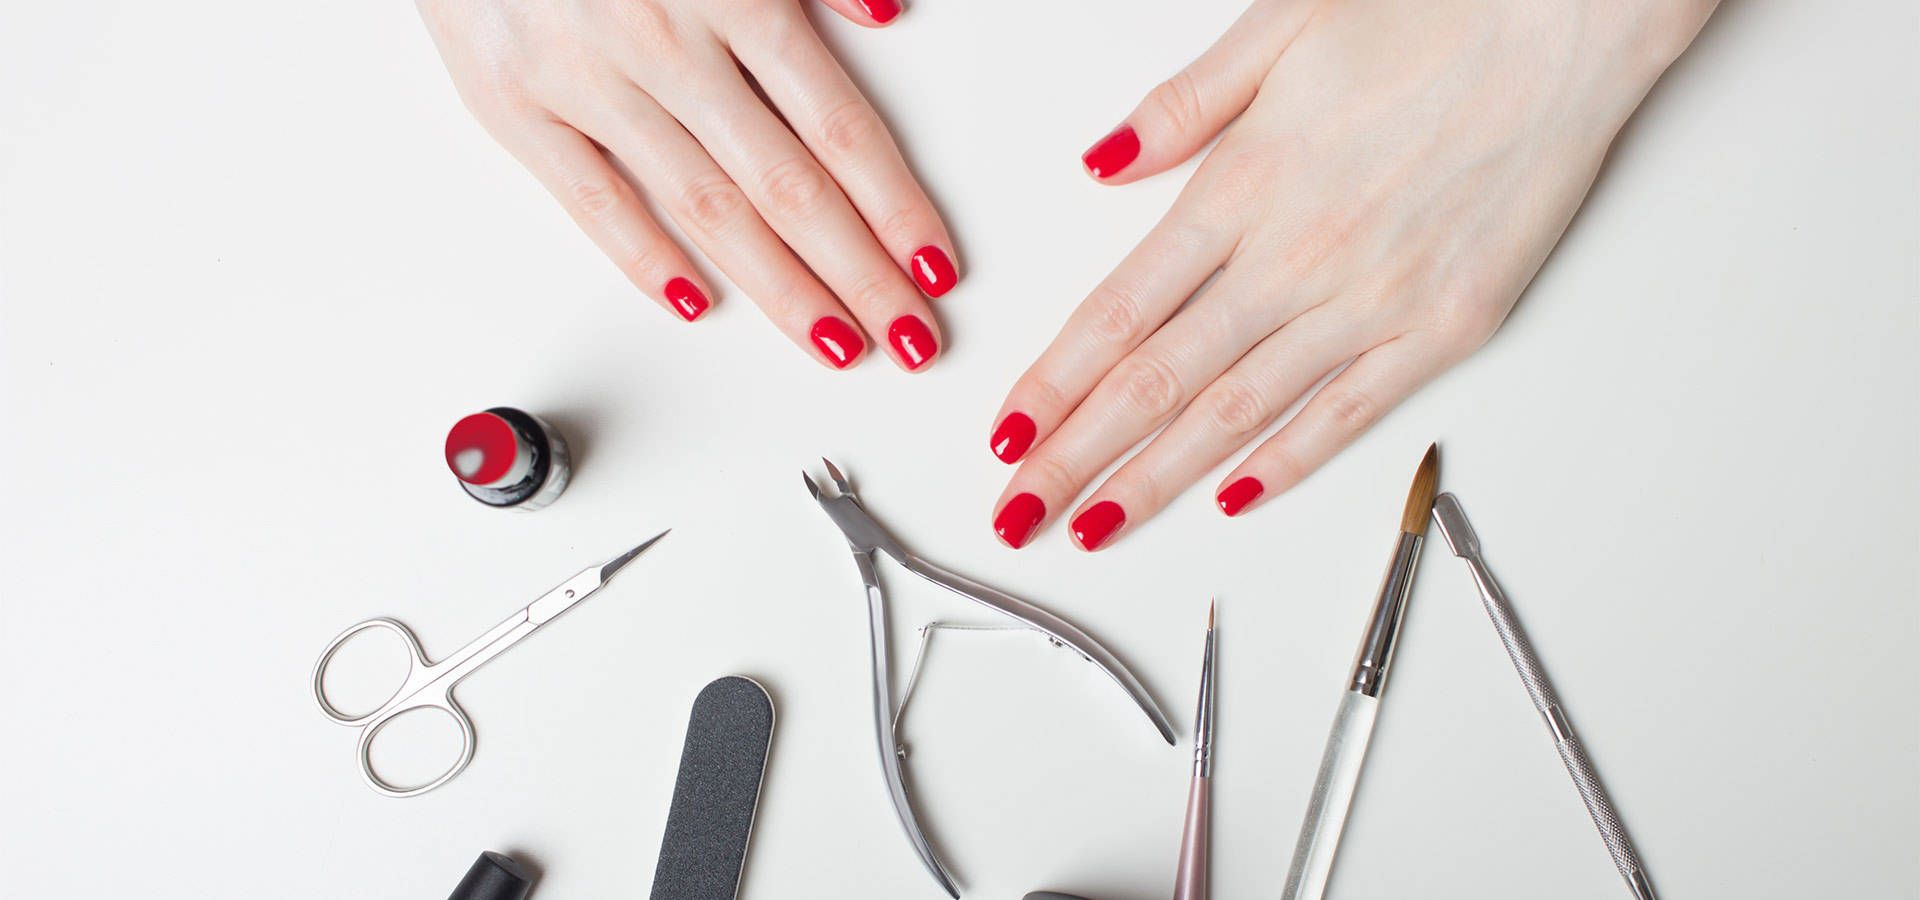 Zelf Doen Een Manicure Manicure Thuis Manicures Nagel Tips